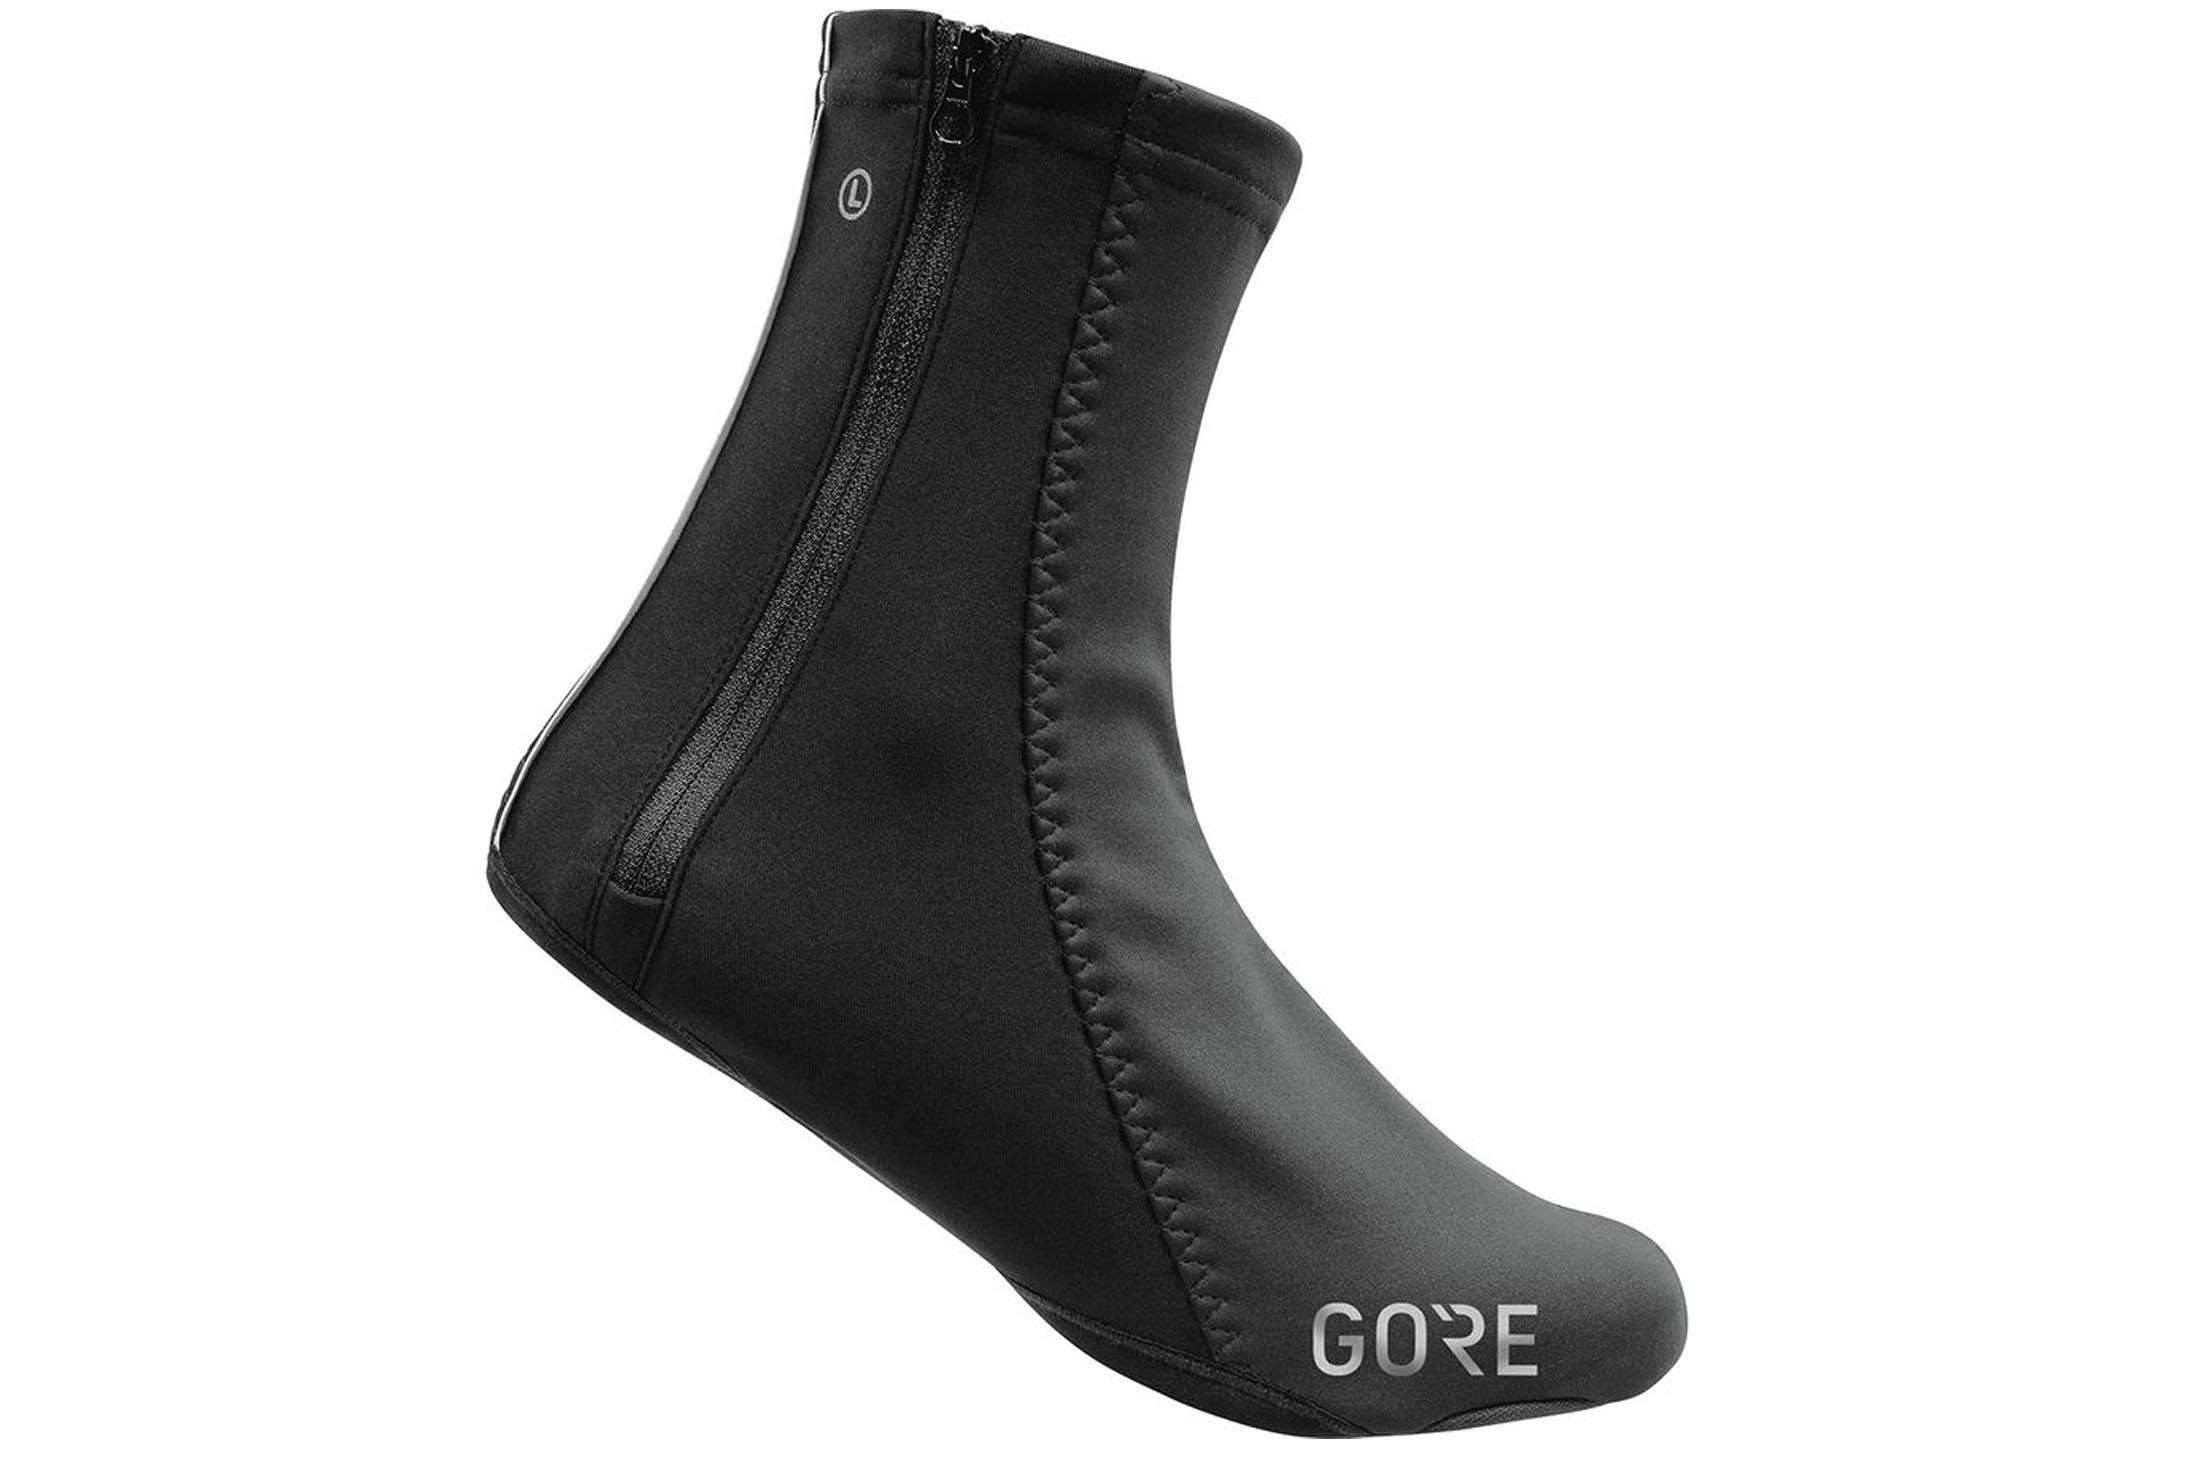 Gore booties